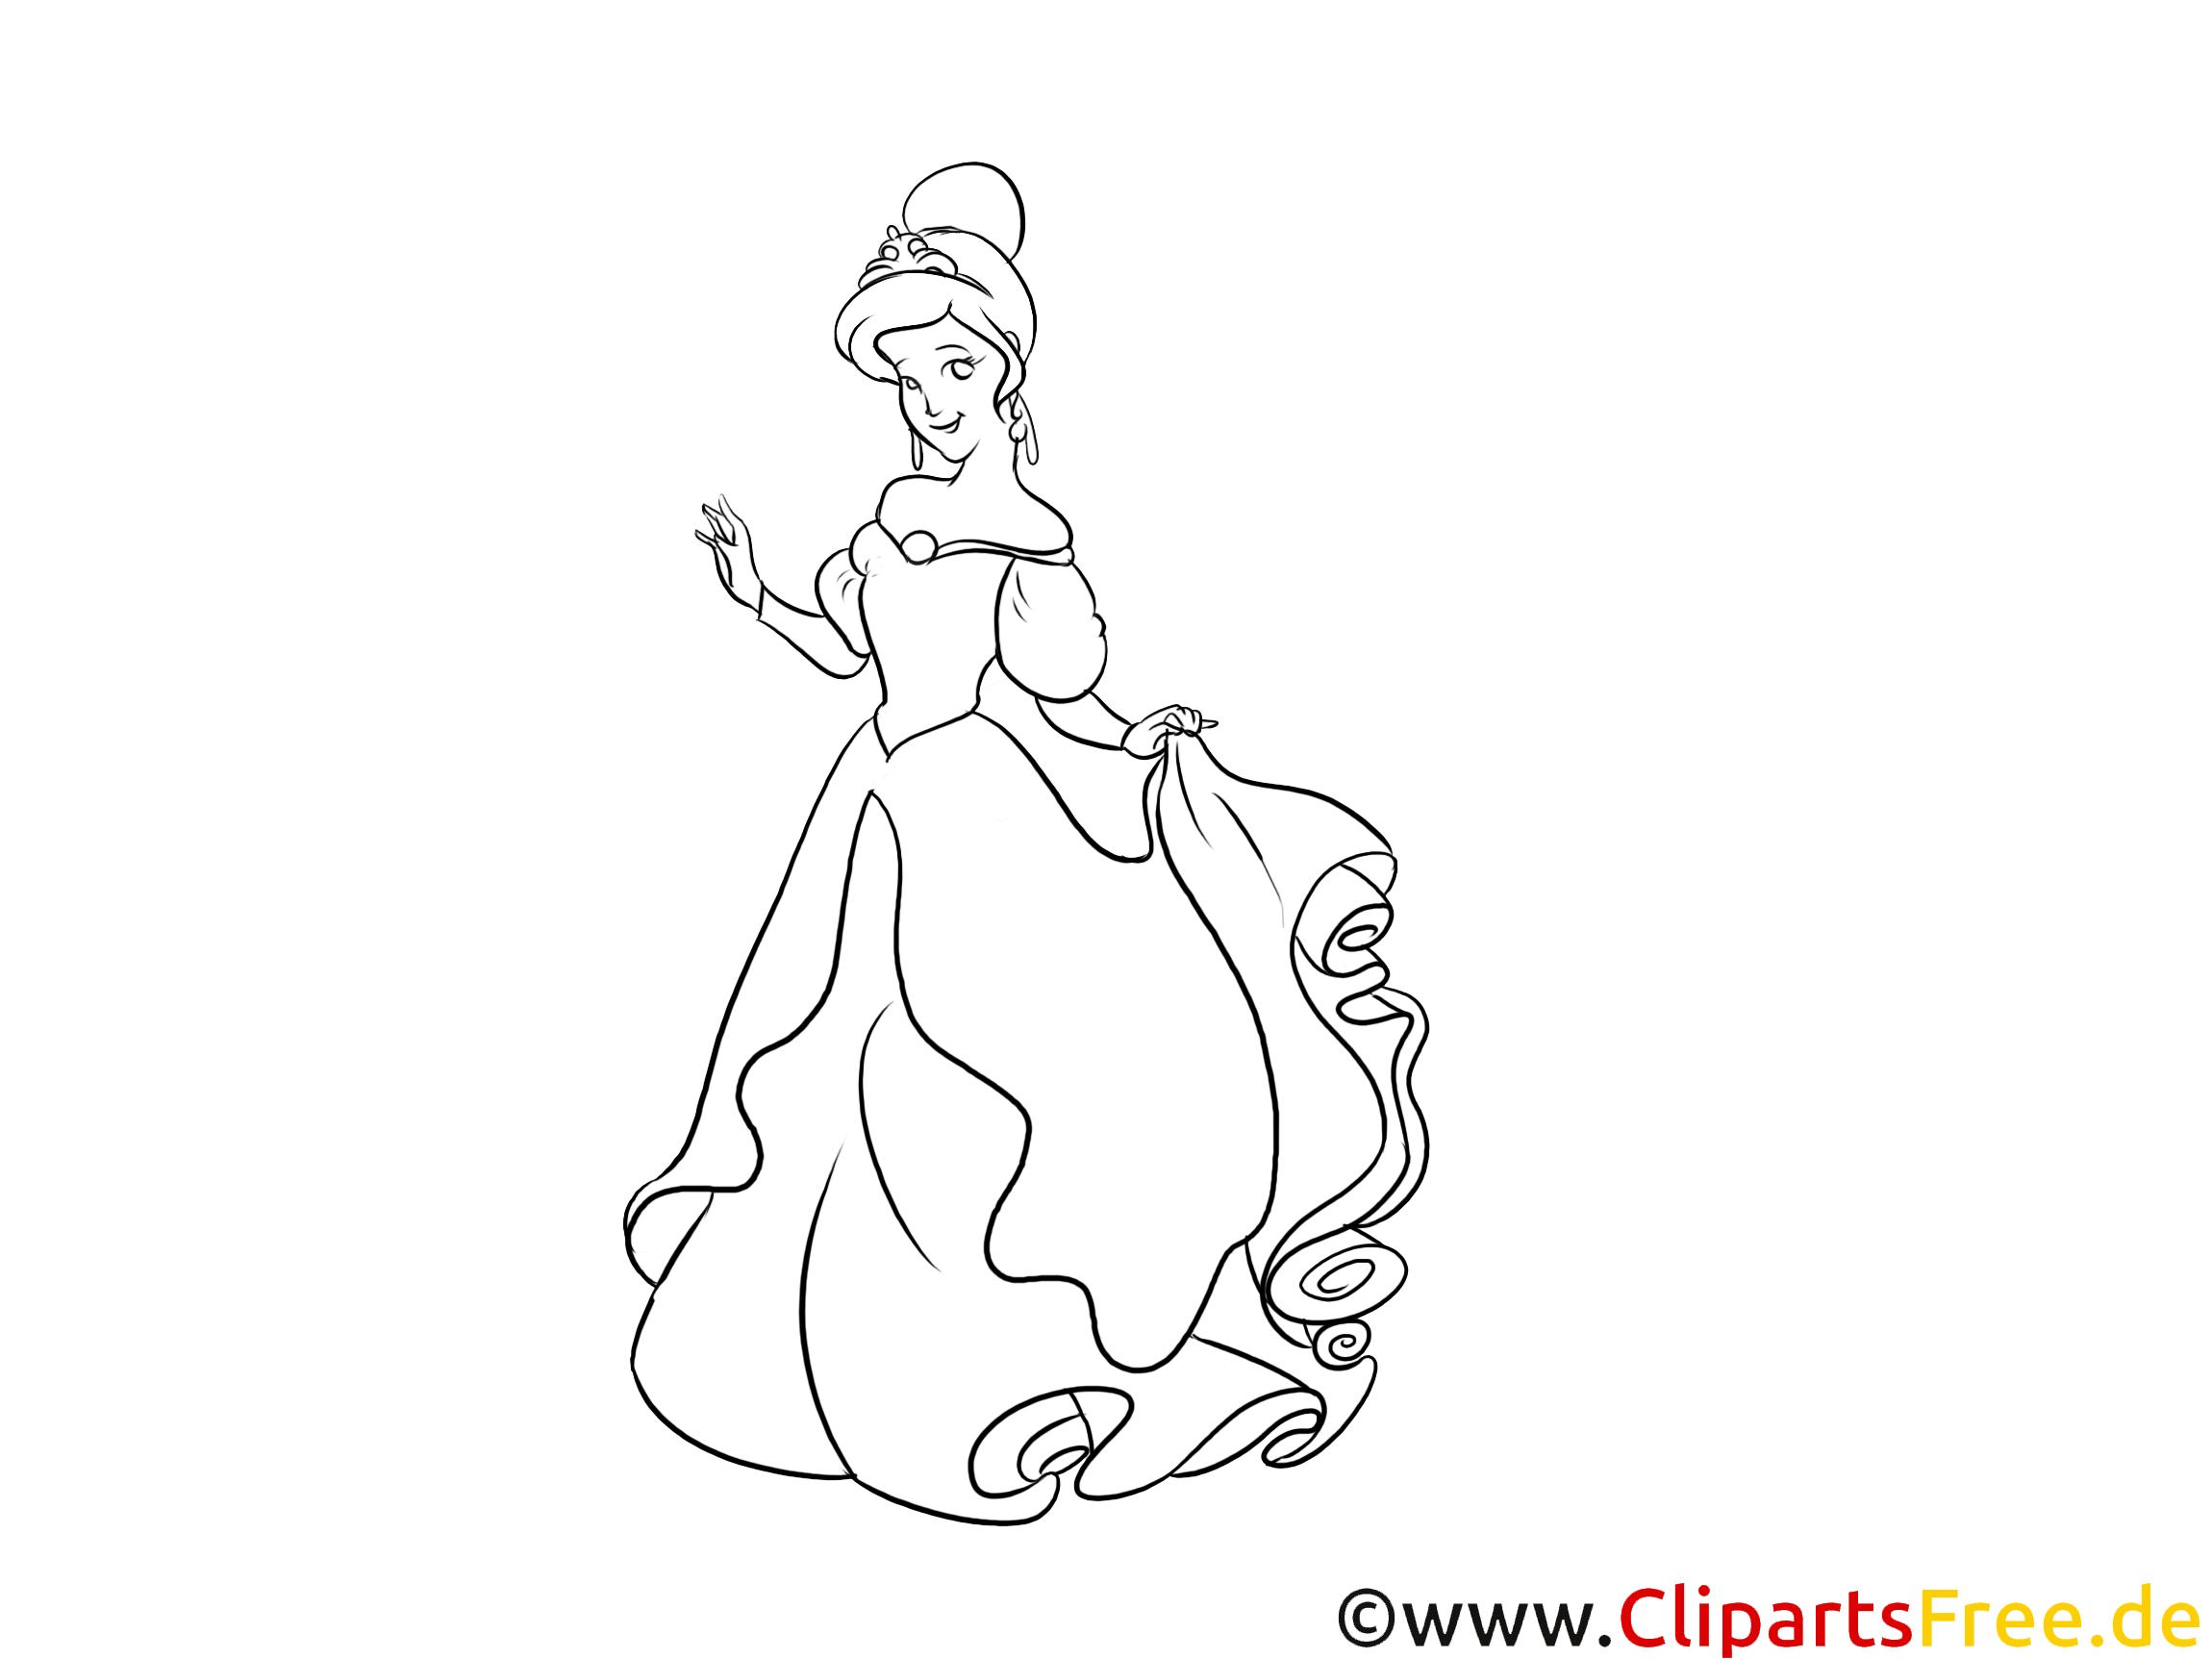 Gratis Ausmalbilder Eiskönigin Prinzessin Mädchen